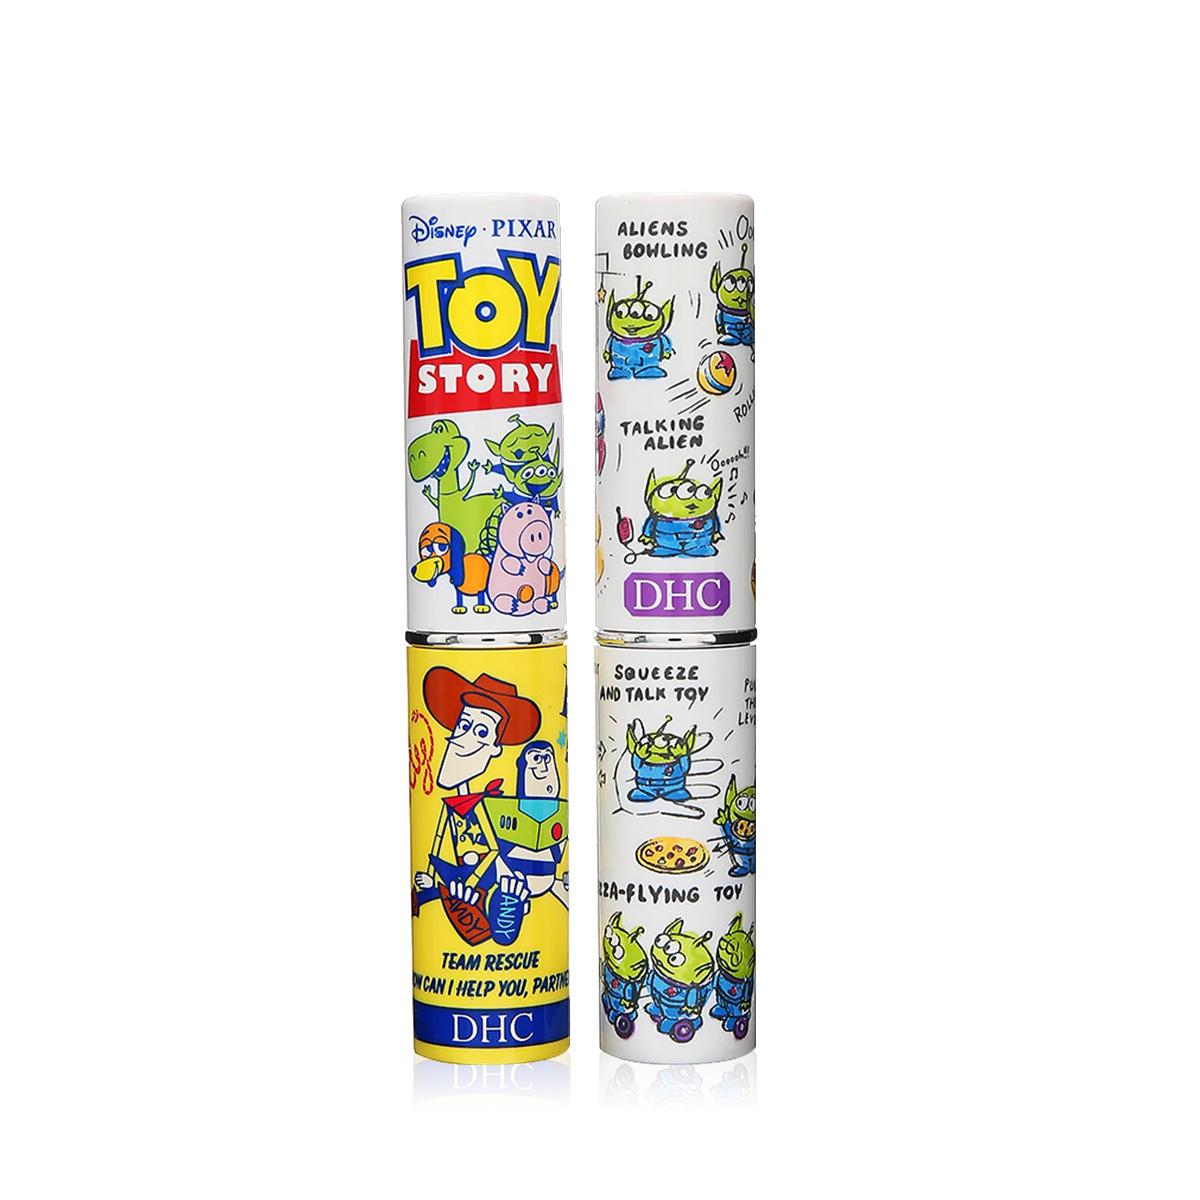 DHC 純欖護唇膏 玩具總動員限定版 1.5gx2 禮盒拆售不含外盒【SP嚴選家】